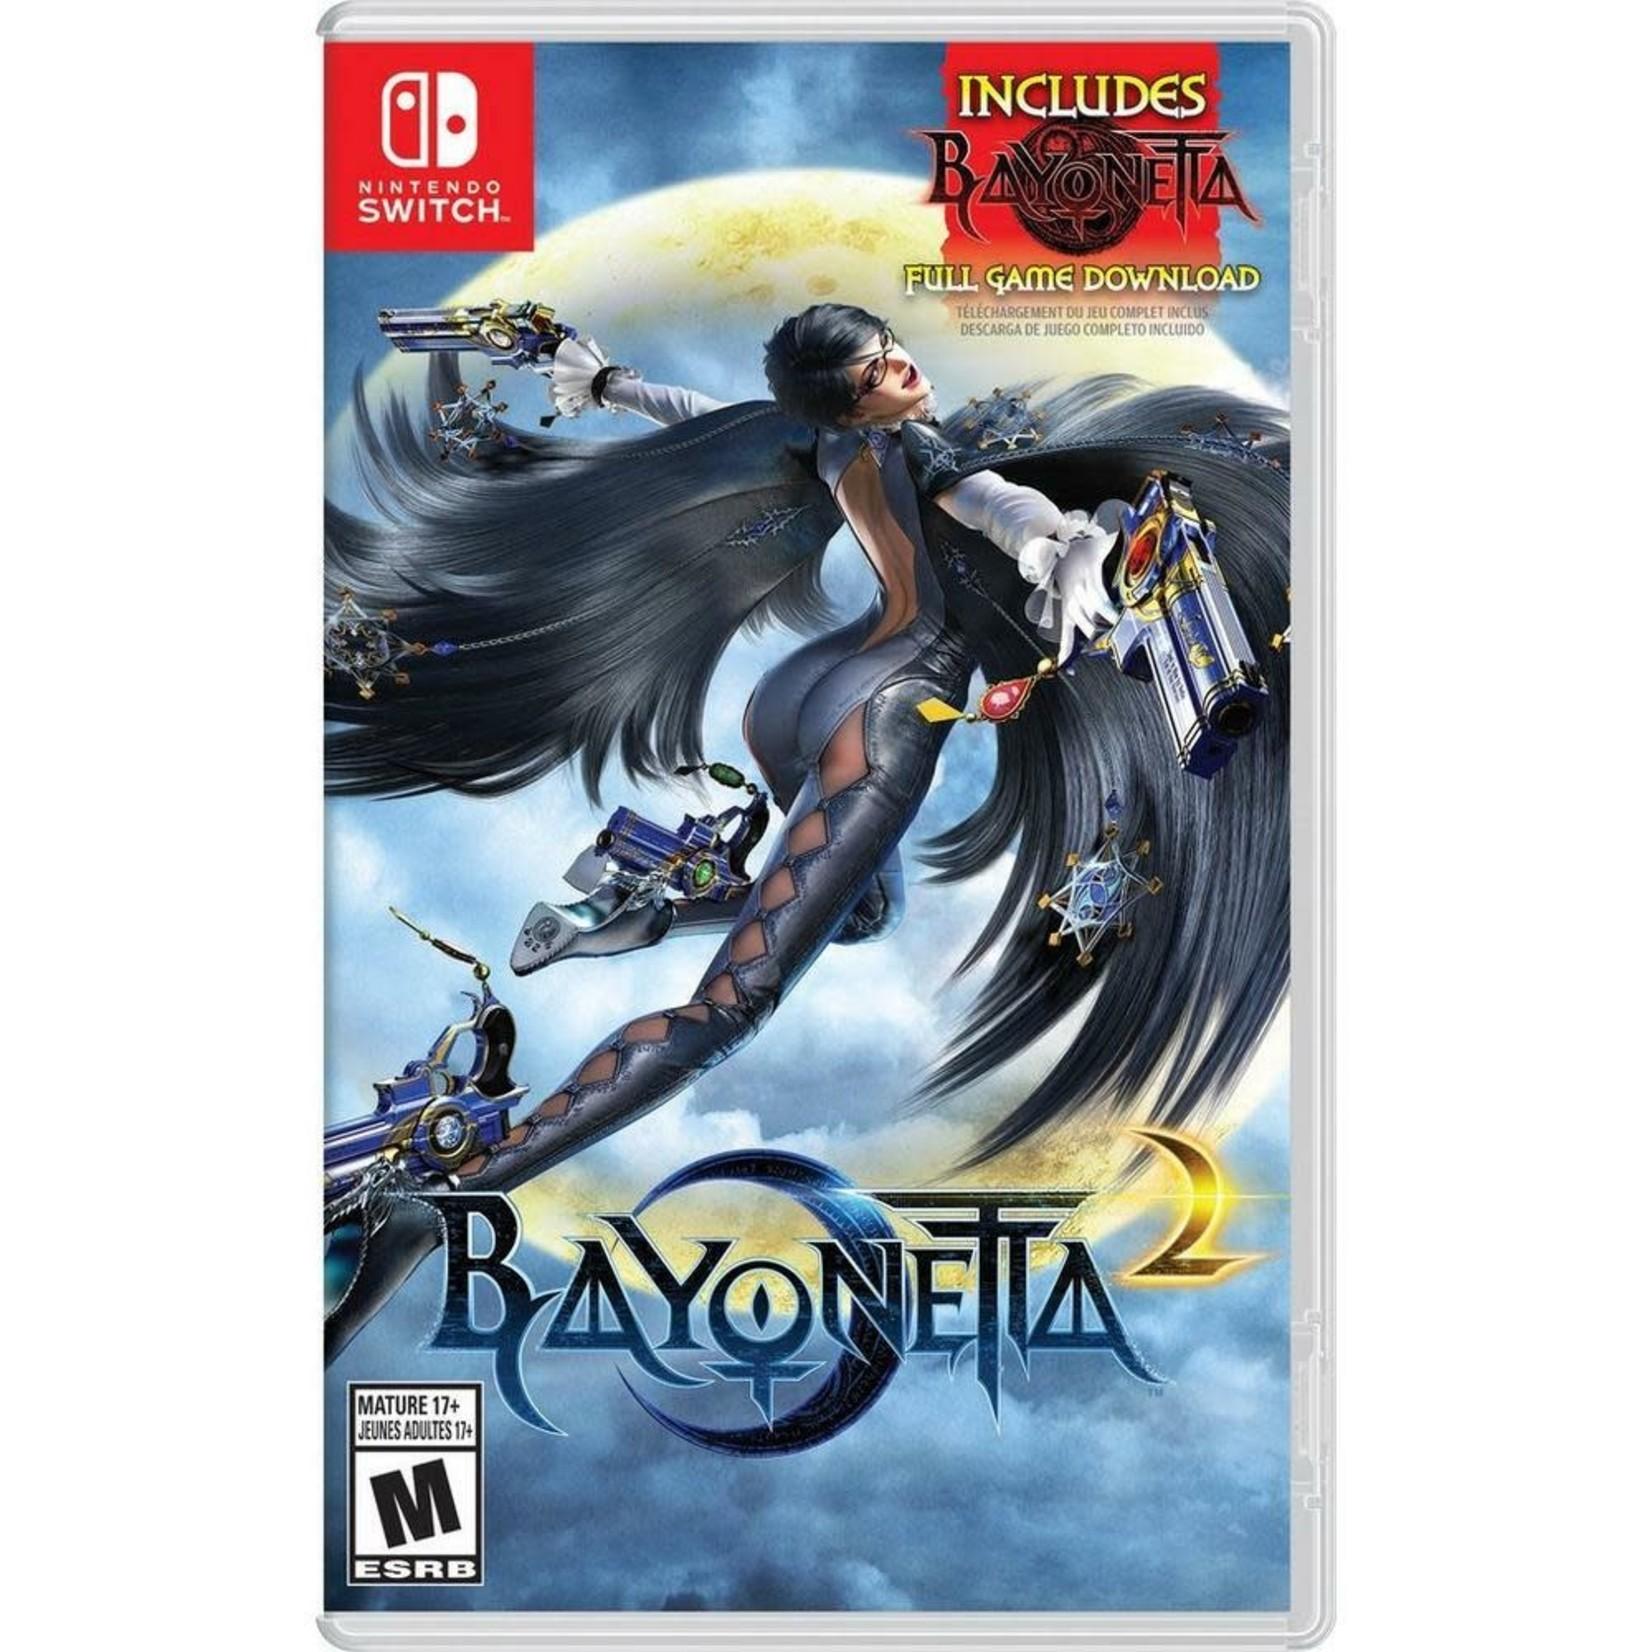 switchu-Bayonetta 2 w/o code